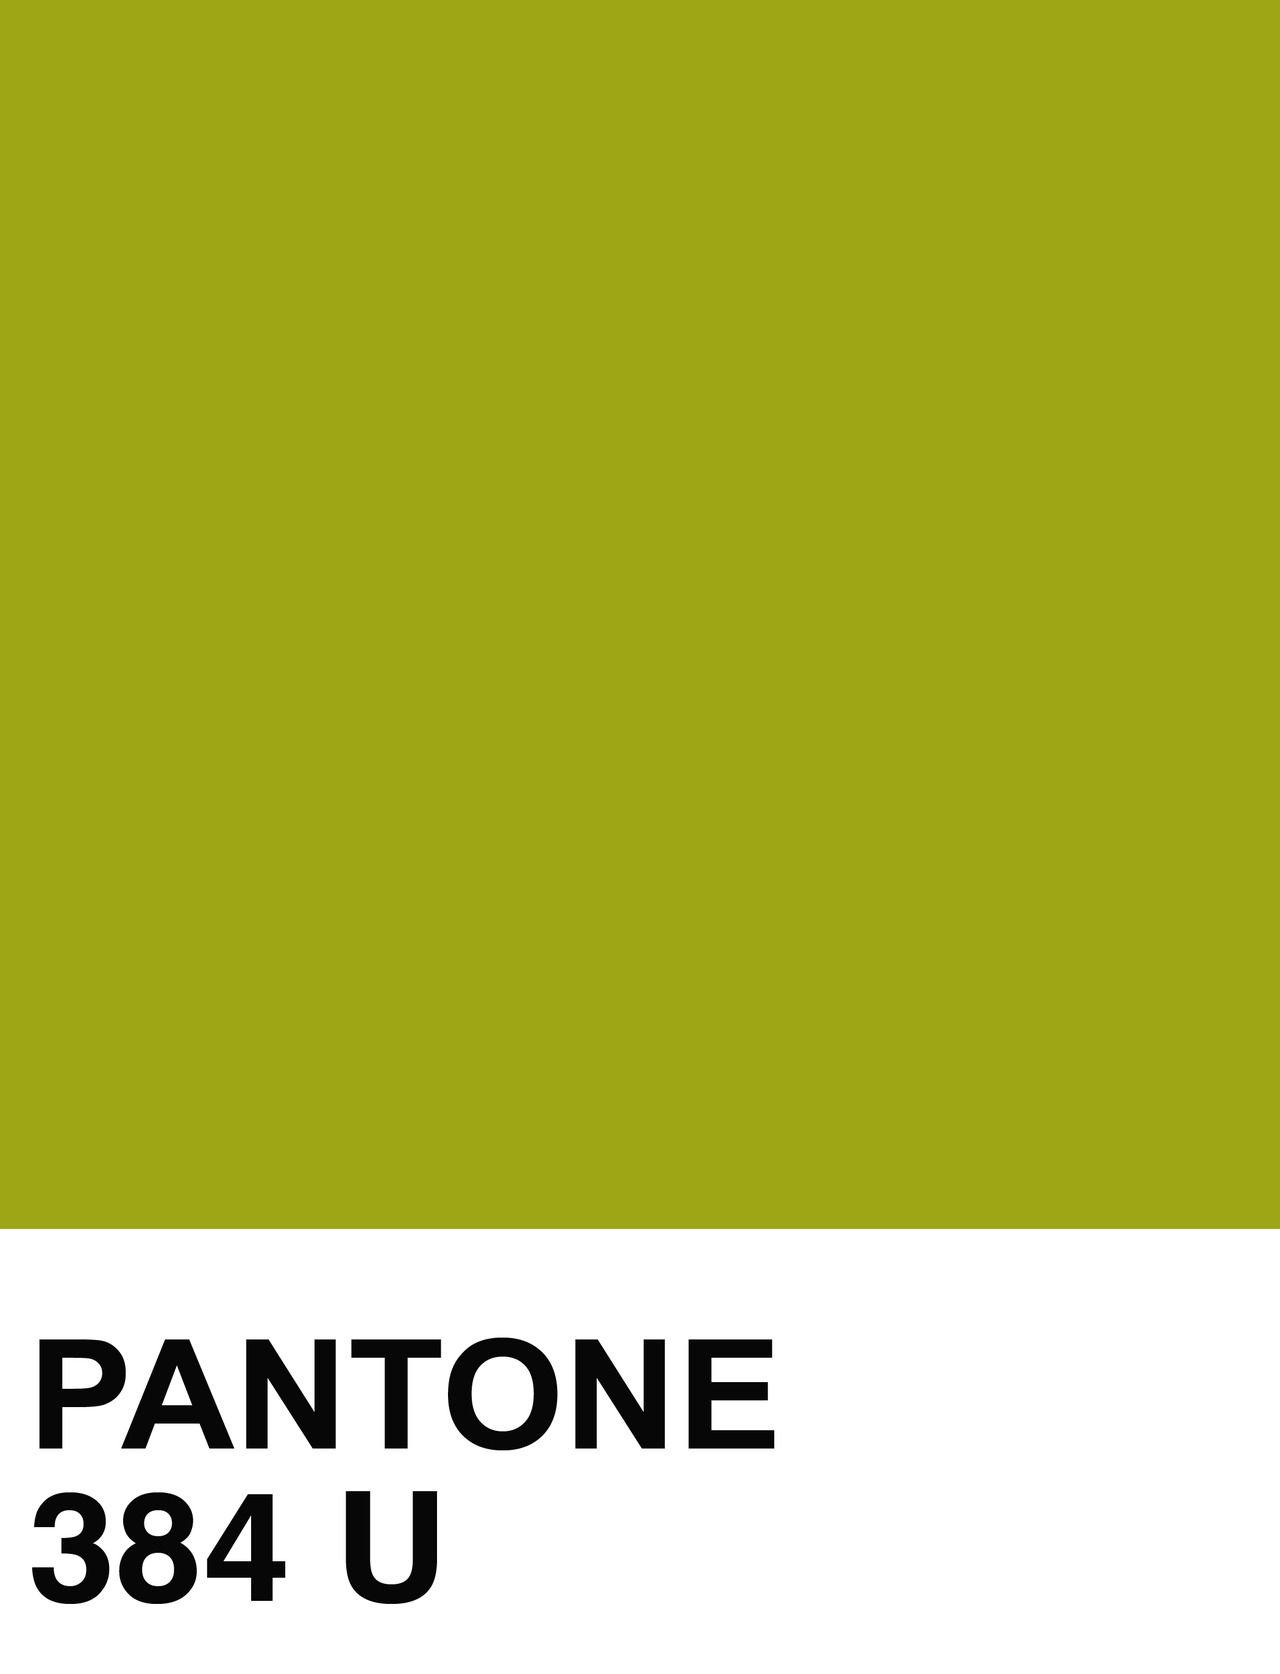 78b83b866de Pantone 384 U Pallette